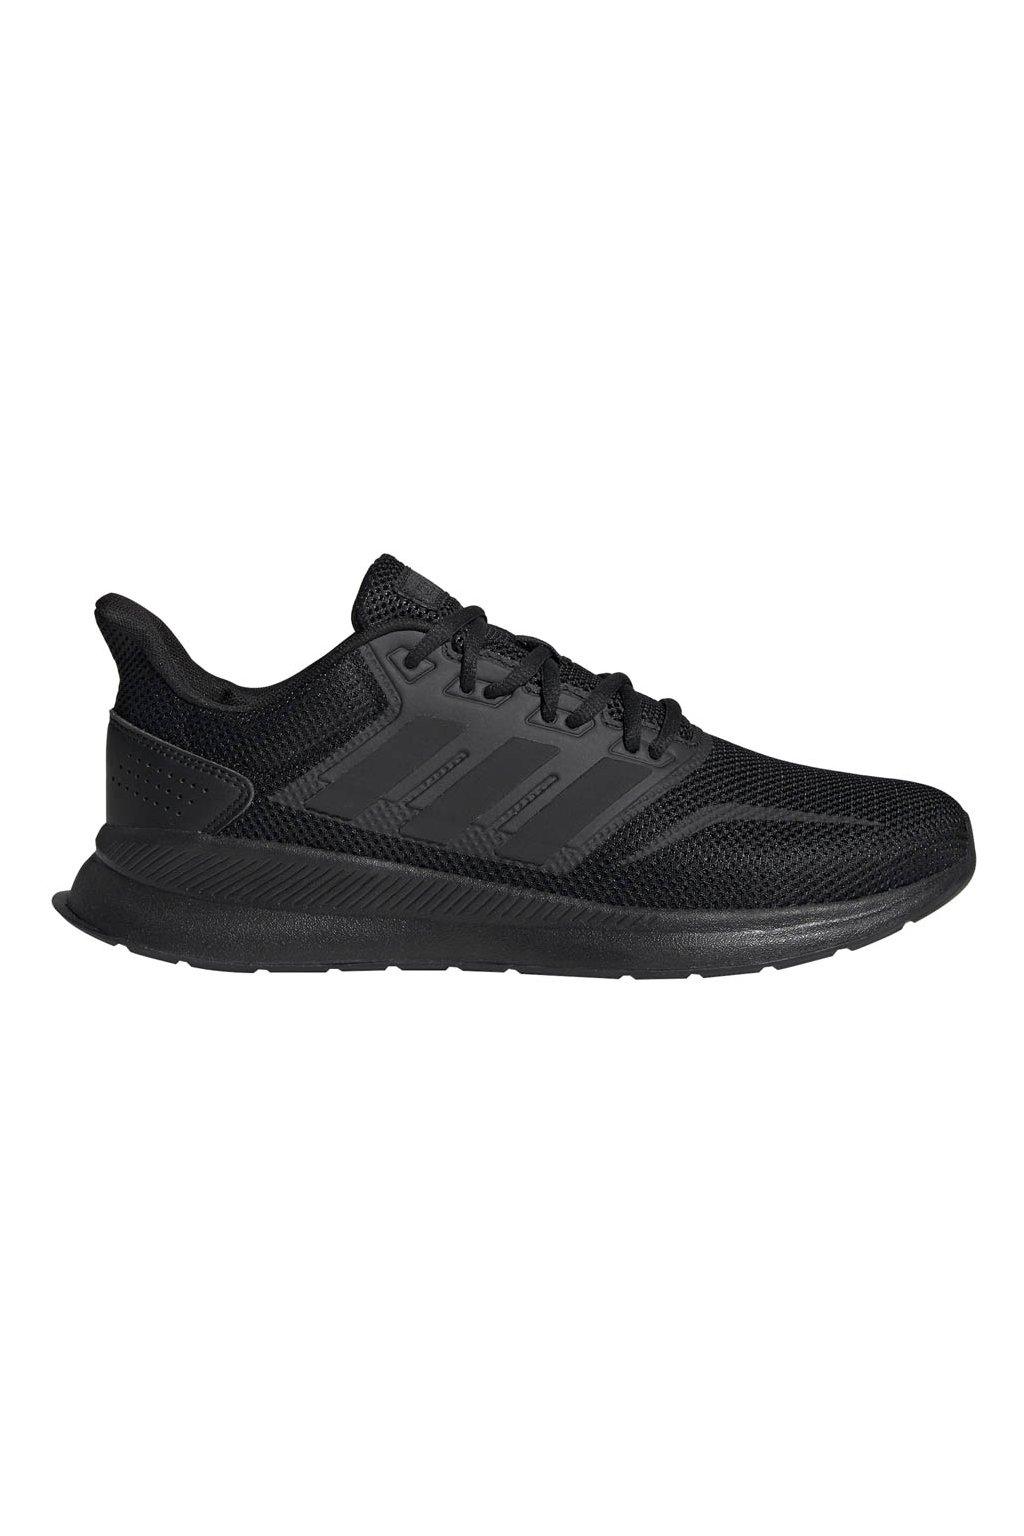 Pánska športová obuv Adidas Runfalcon čierne G28970